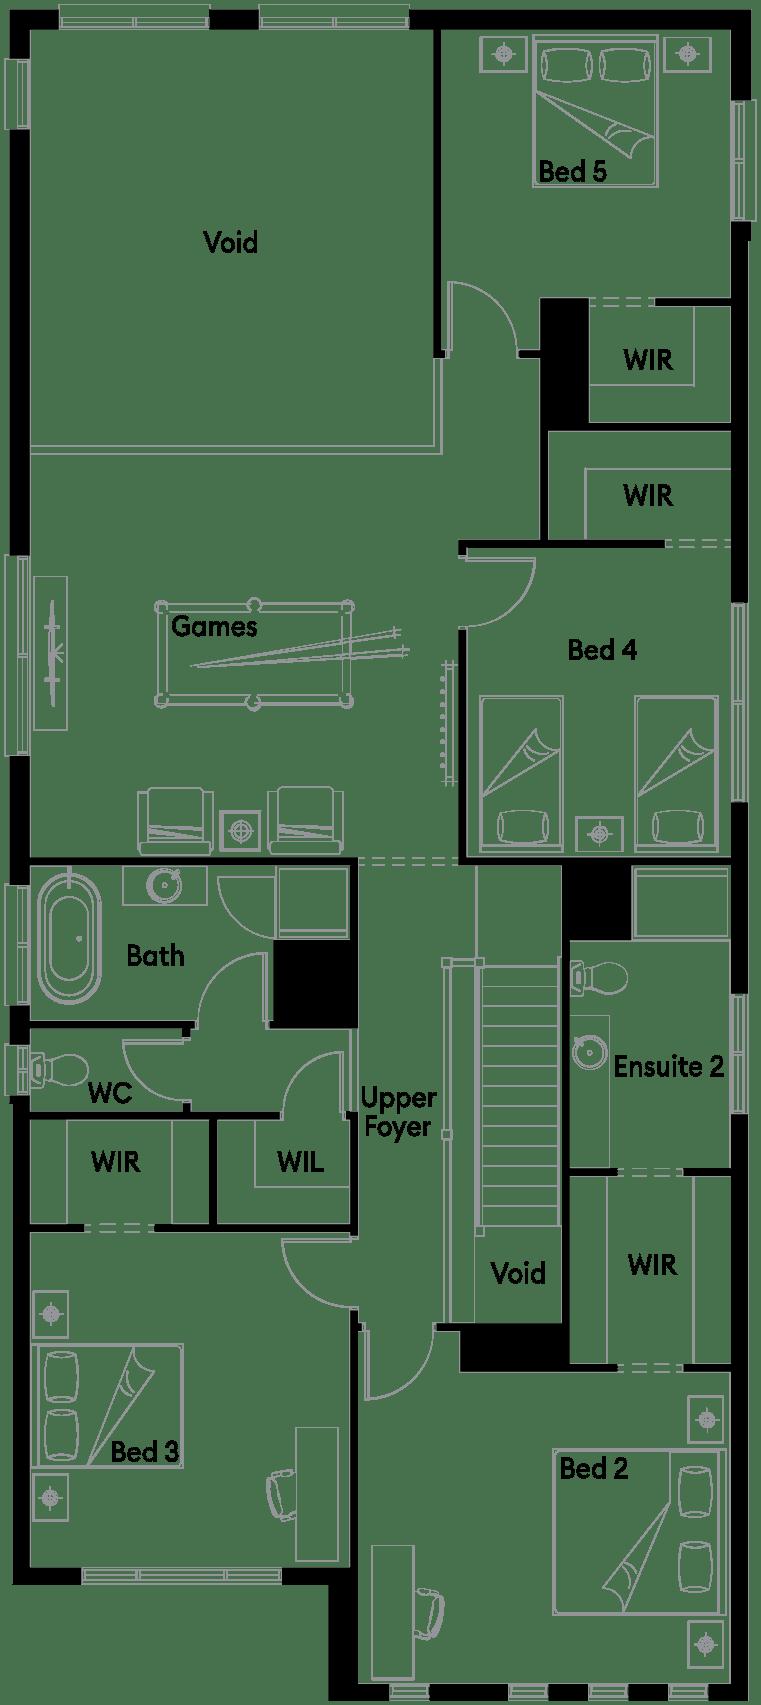 FloorPlan2_HOUSE848_Sandford_42P-02